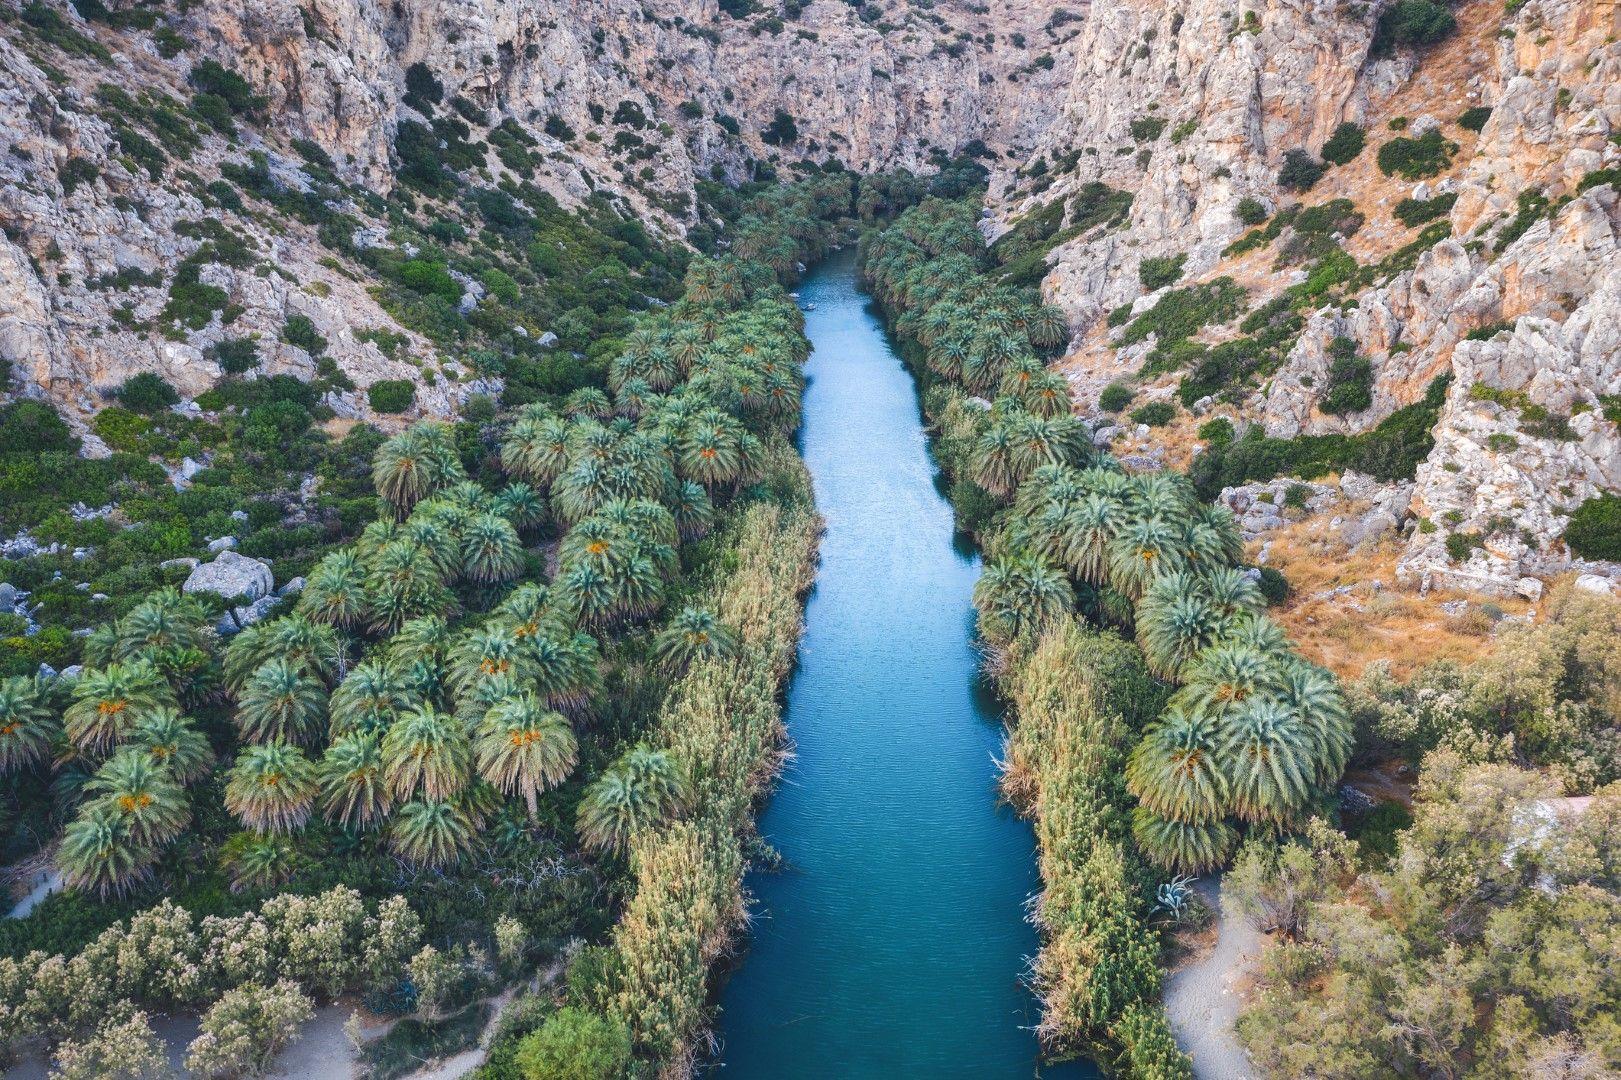 Река Мегас Потамос се влива в морето сред горичка от рядък вид палма, Крит